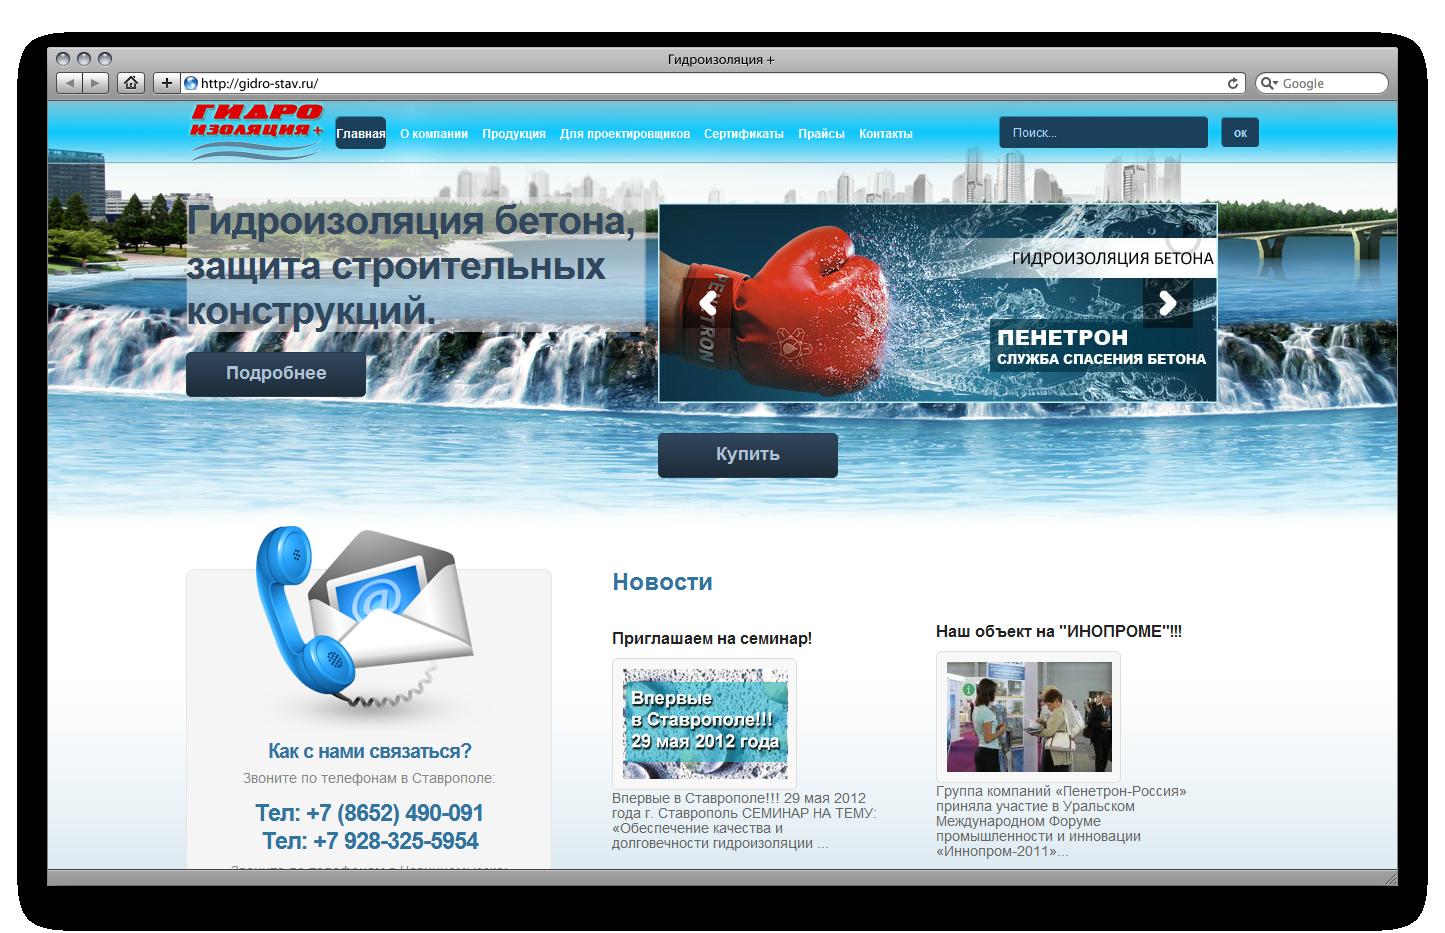 Разработка и продвижение сайта компании заказать оптимизация сайтов продвижение сайта добавить сообщение